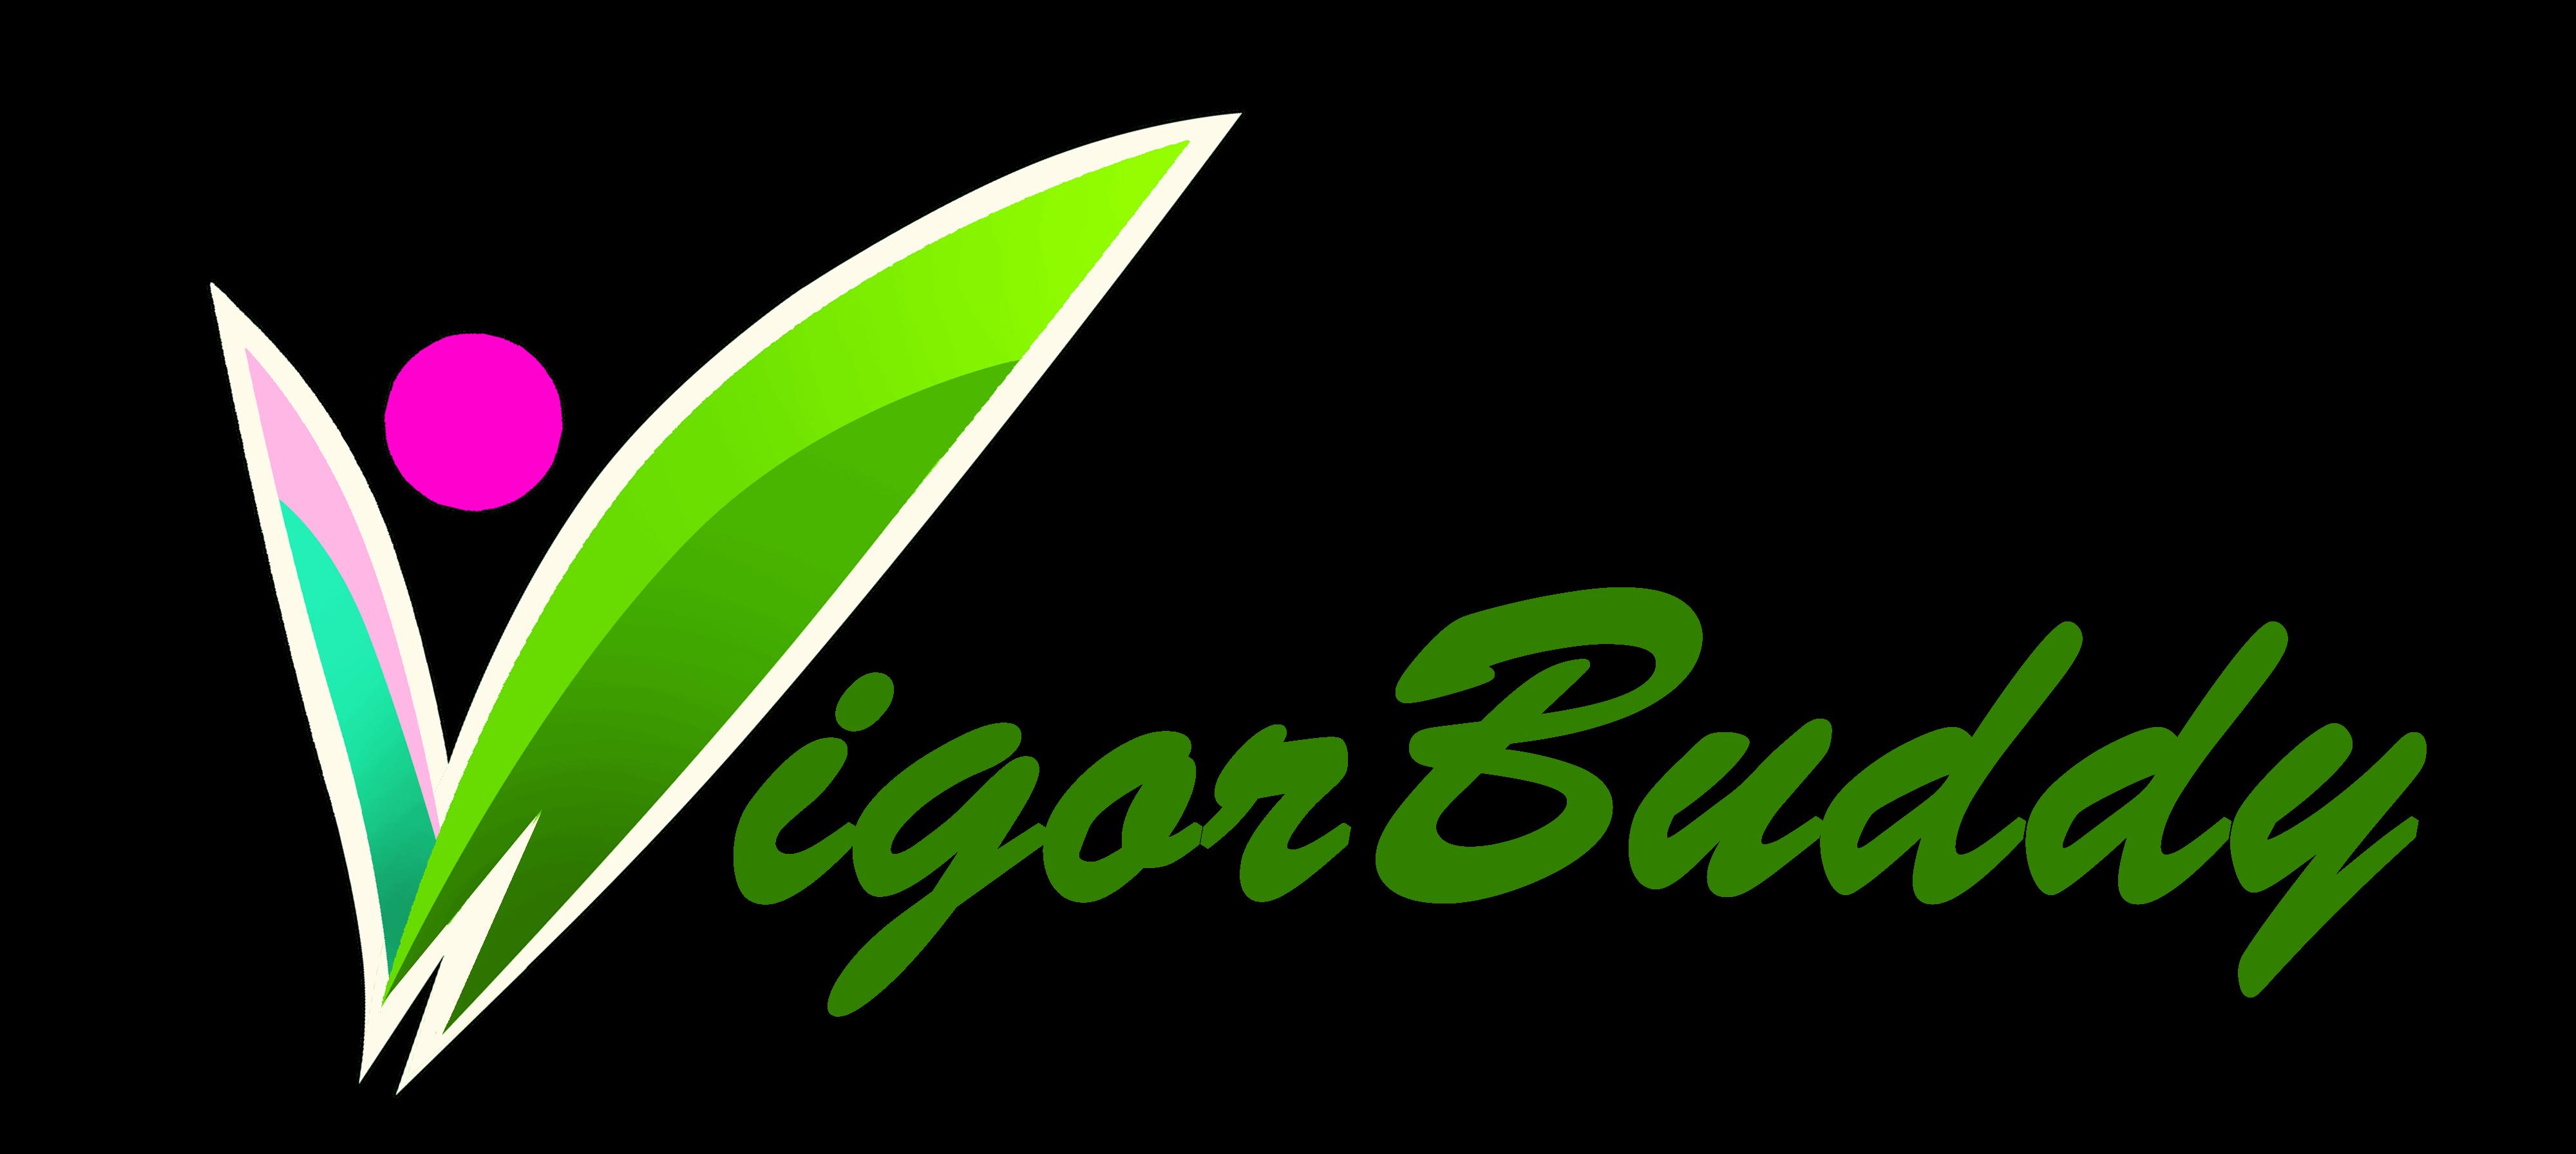 vigor-buddy-logo